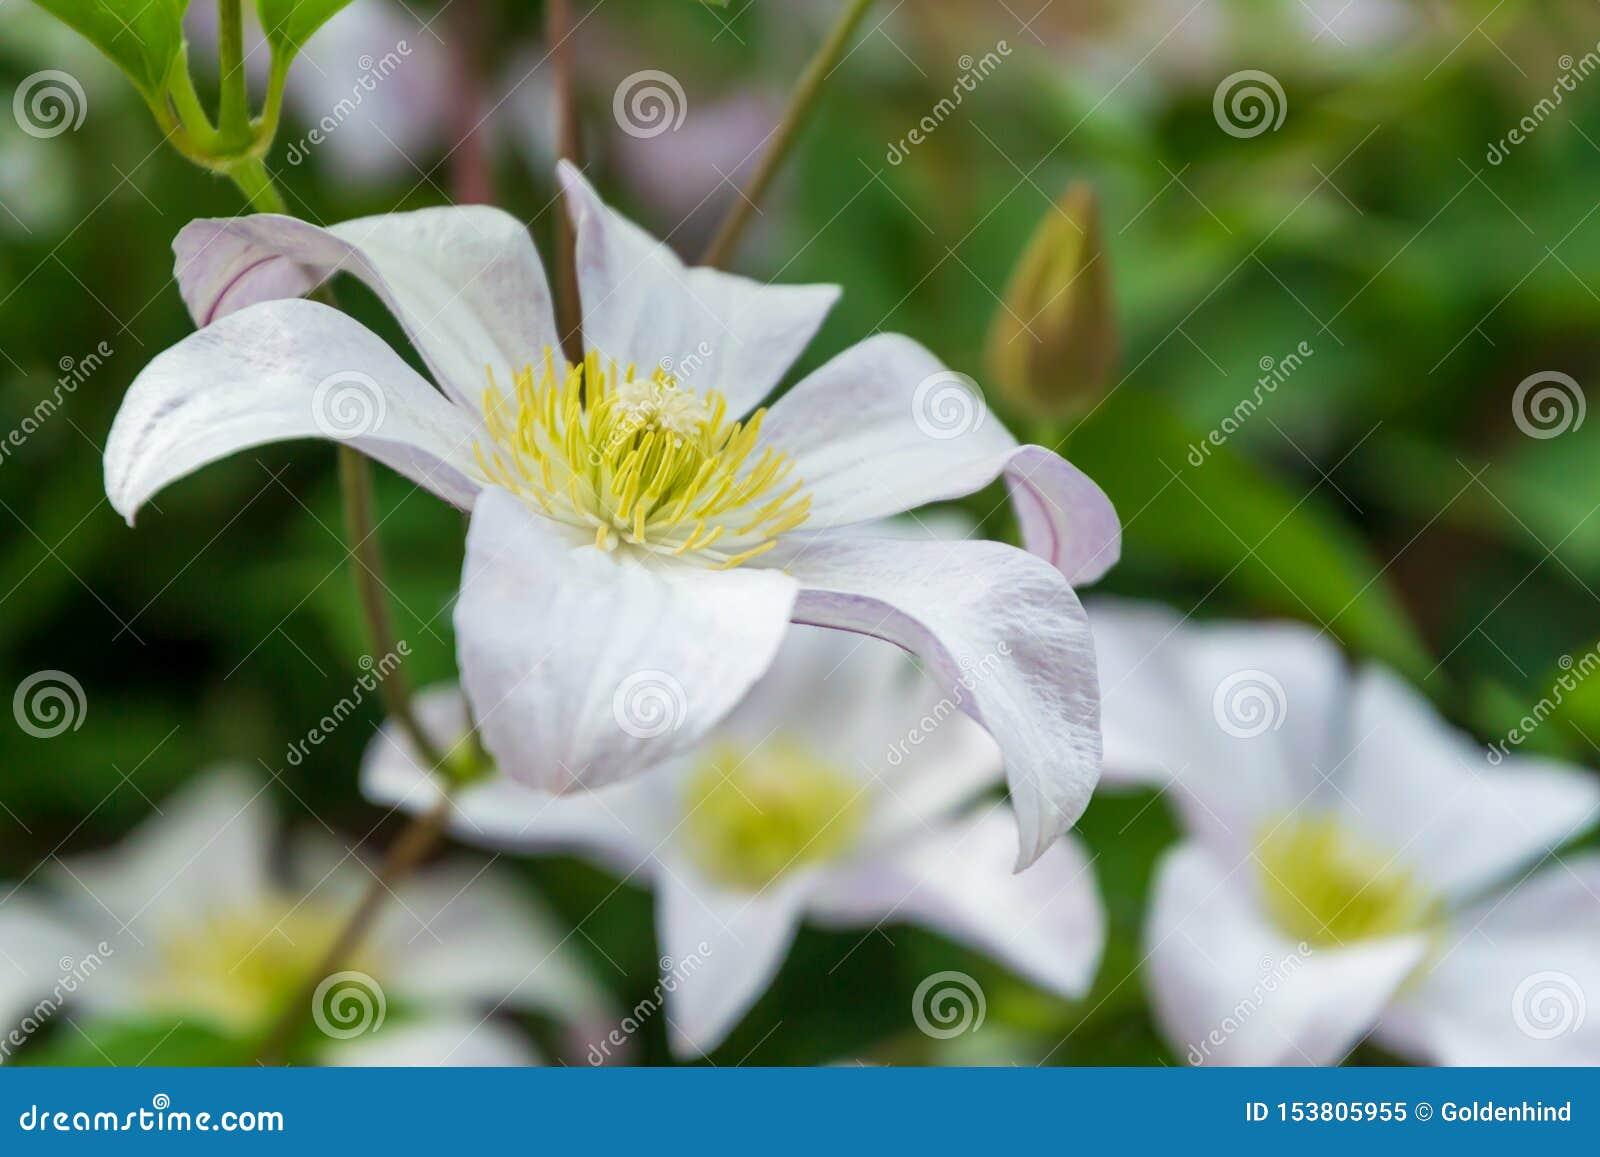 Mooie witte clematissenbloesem Achtergrond met witte bloemen